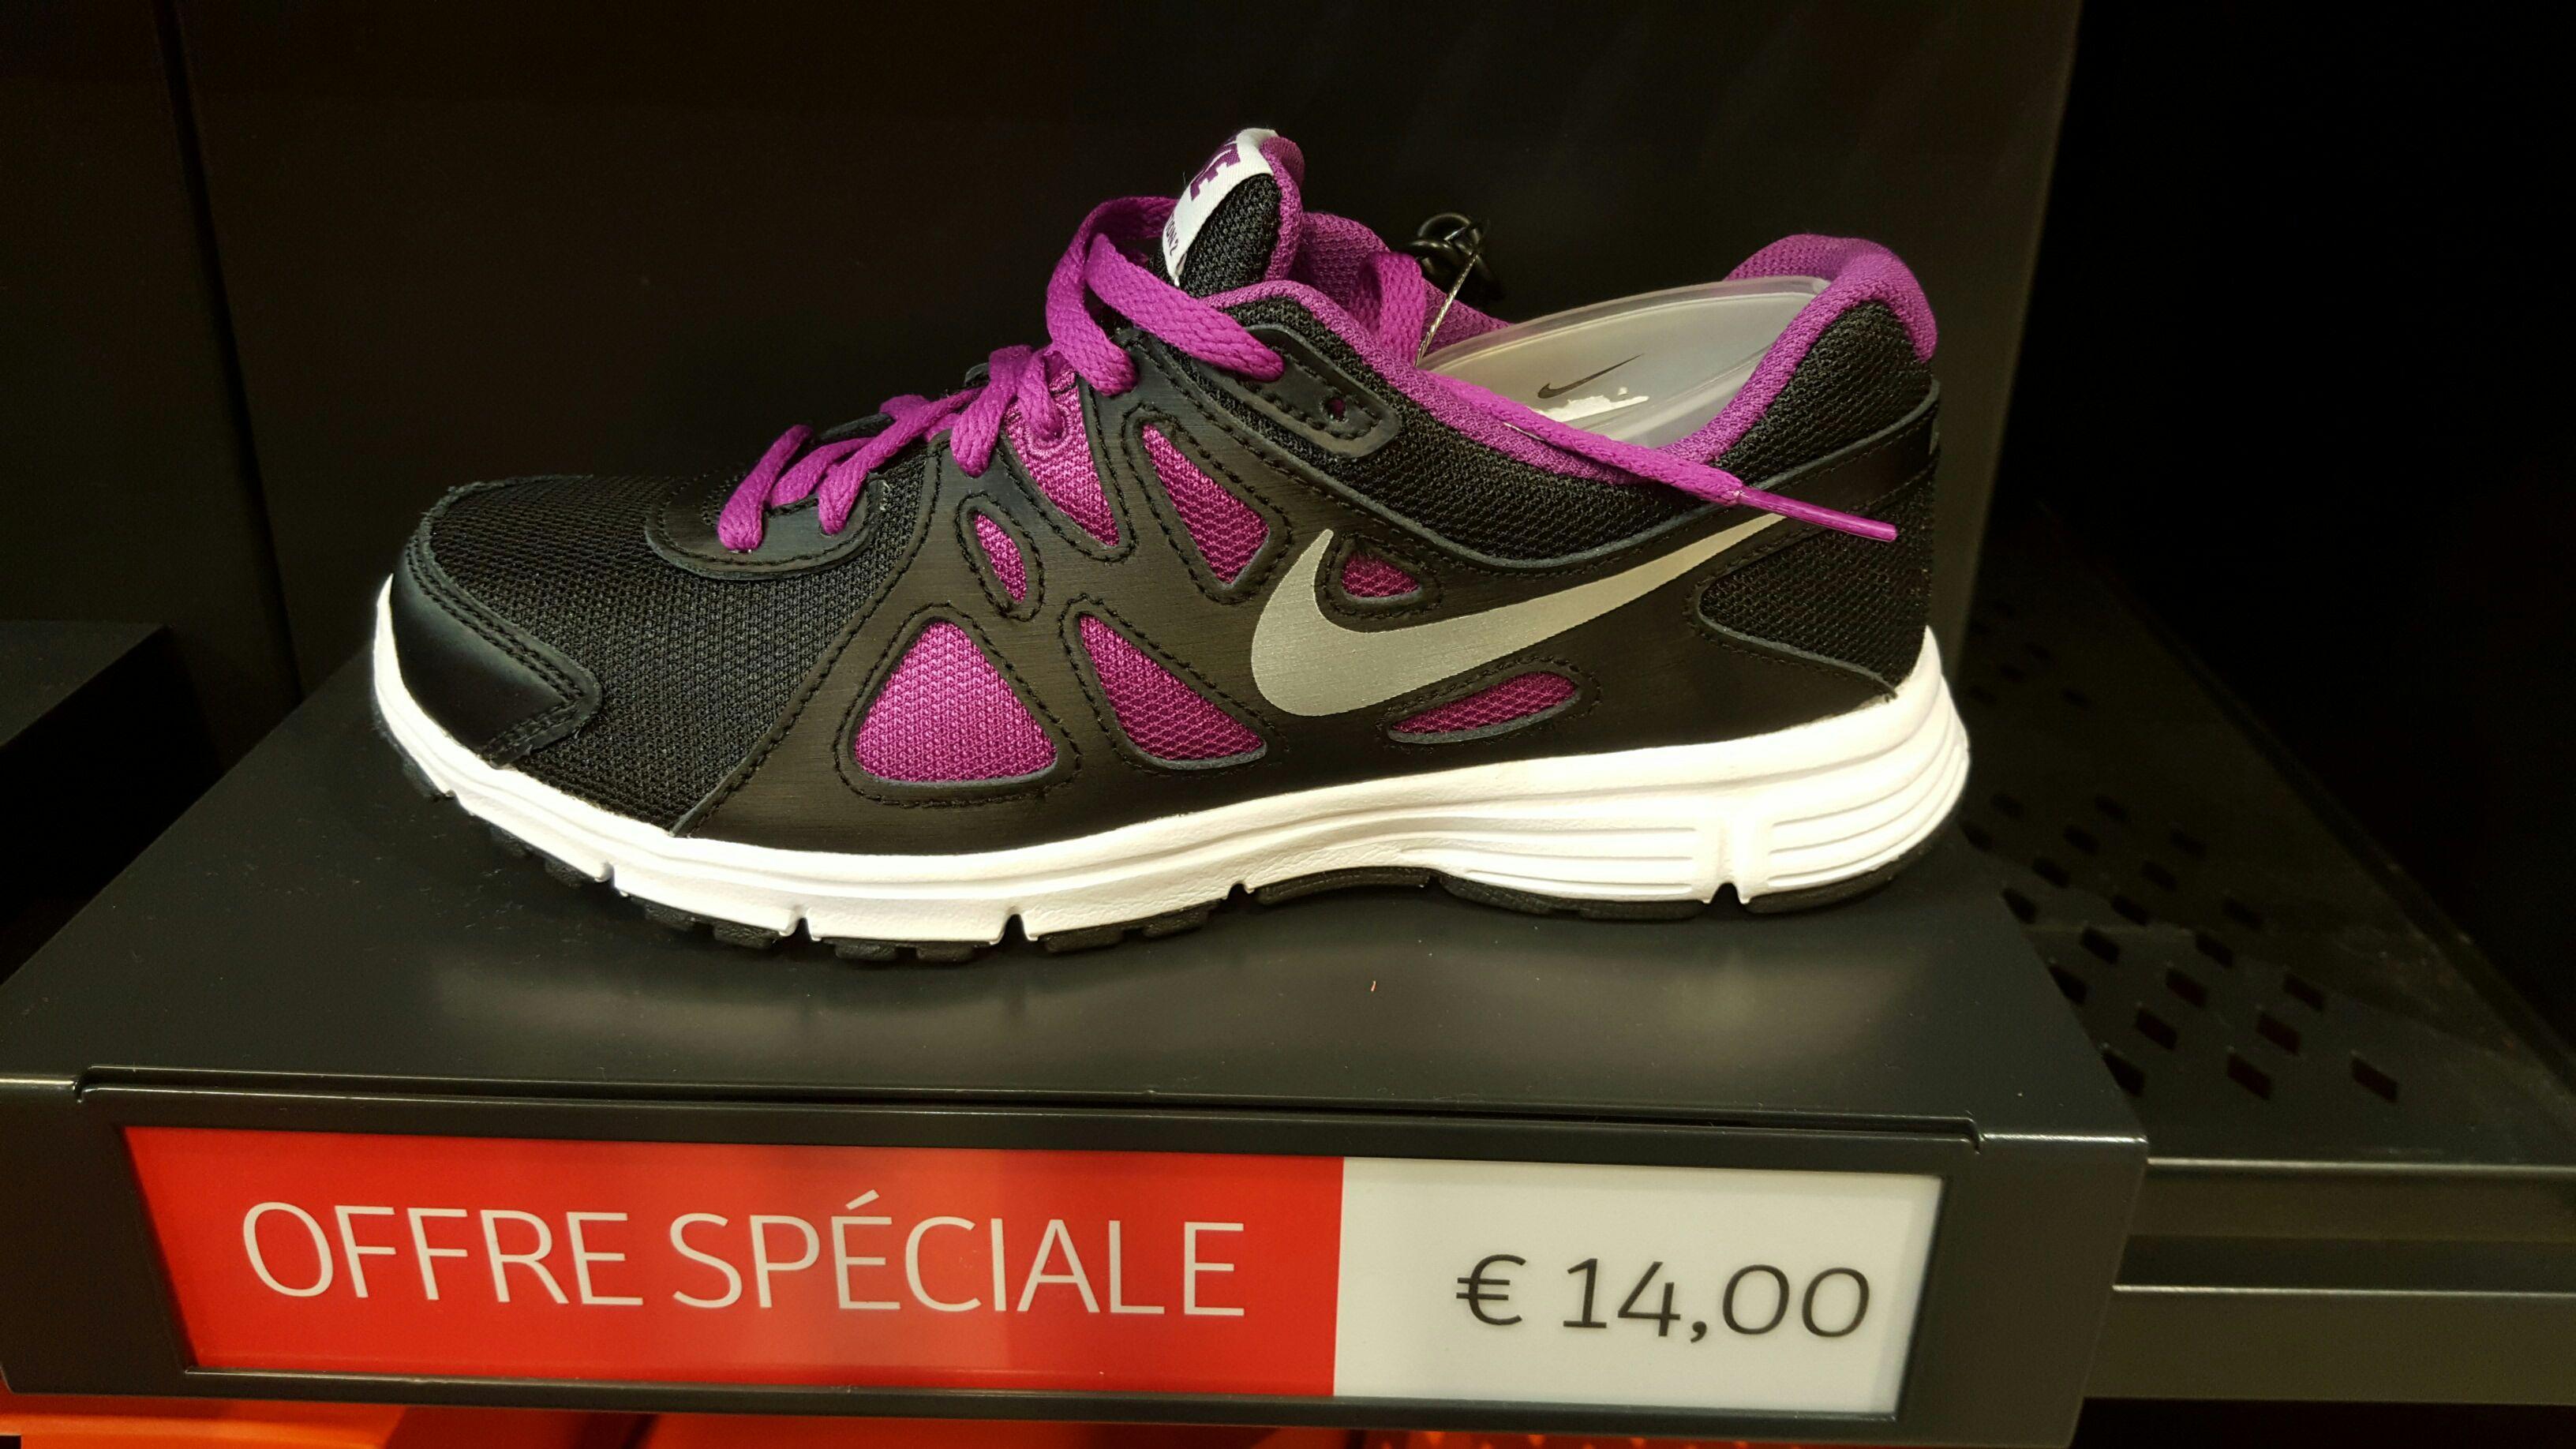 Baskets Nike pour Femme - Noir/Violet (Tailles 35.5, 36 et 37)